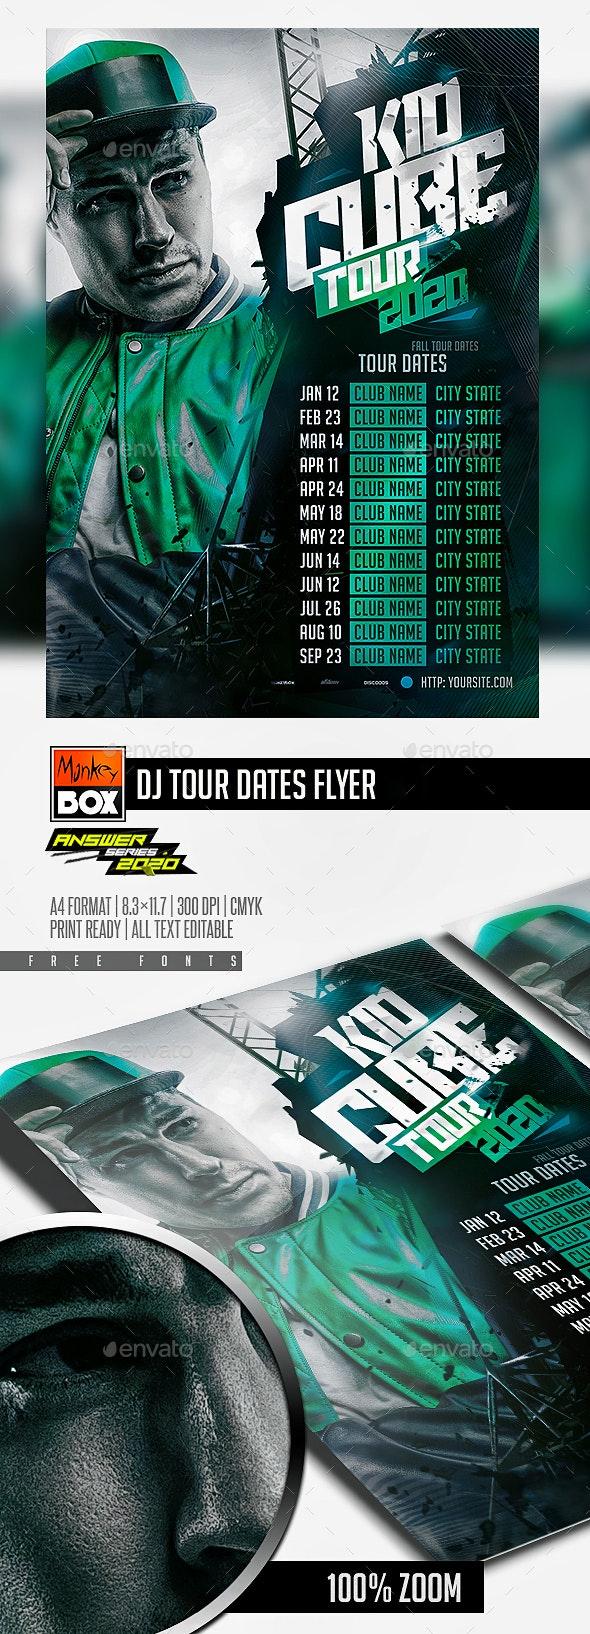 DJ Tour Dates Flyer - Concerts Events